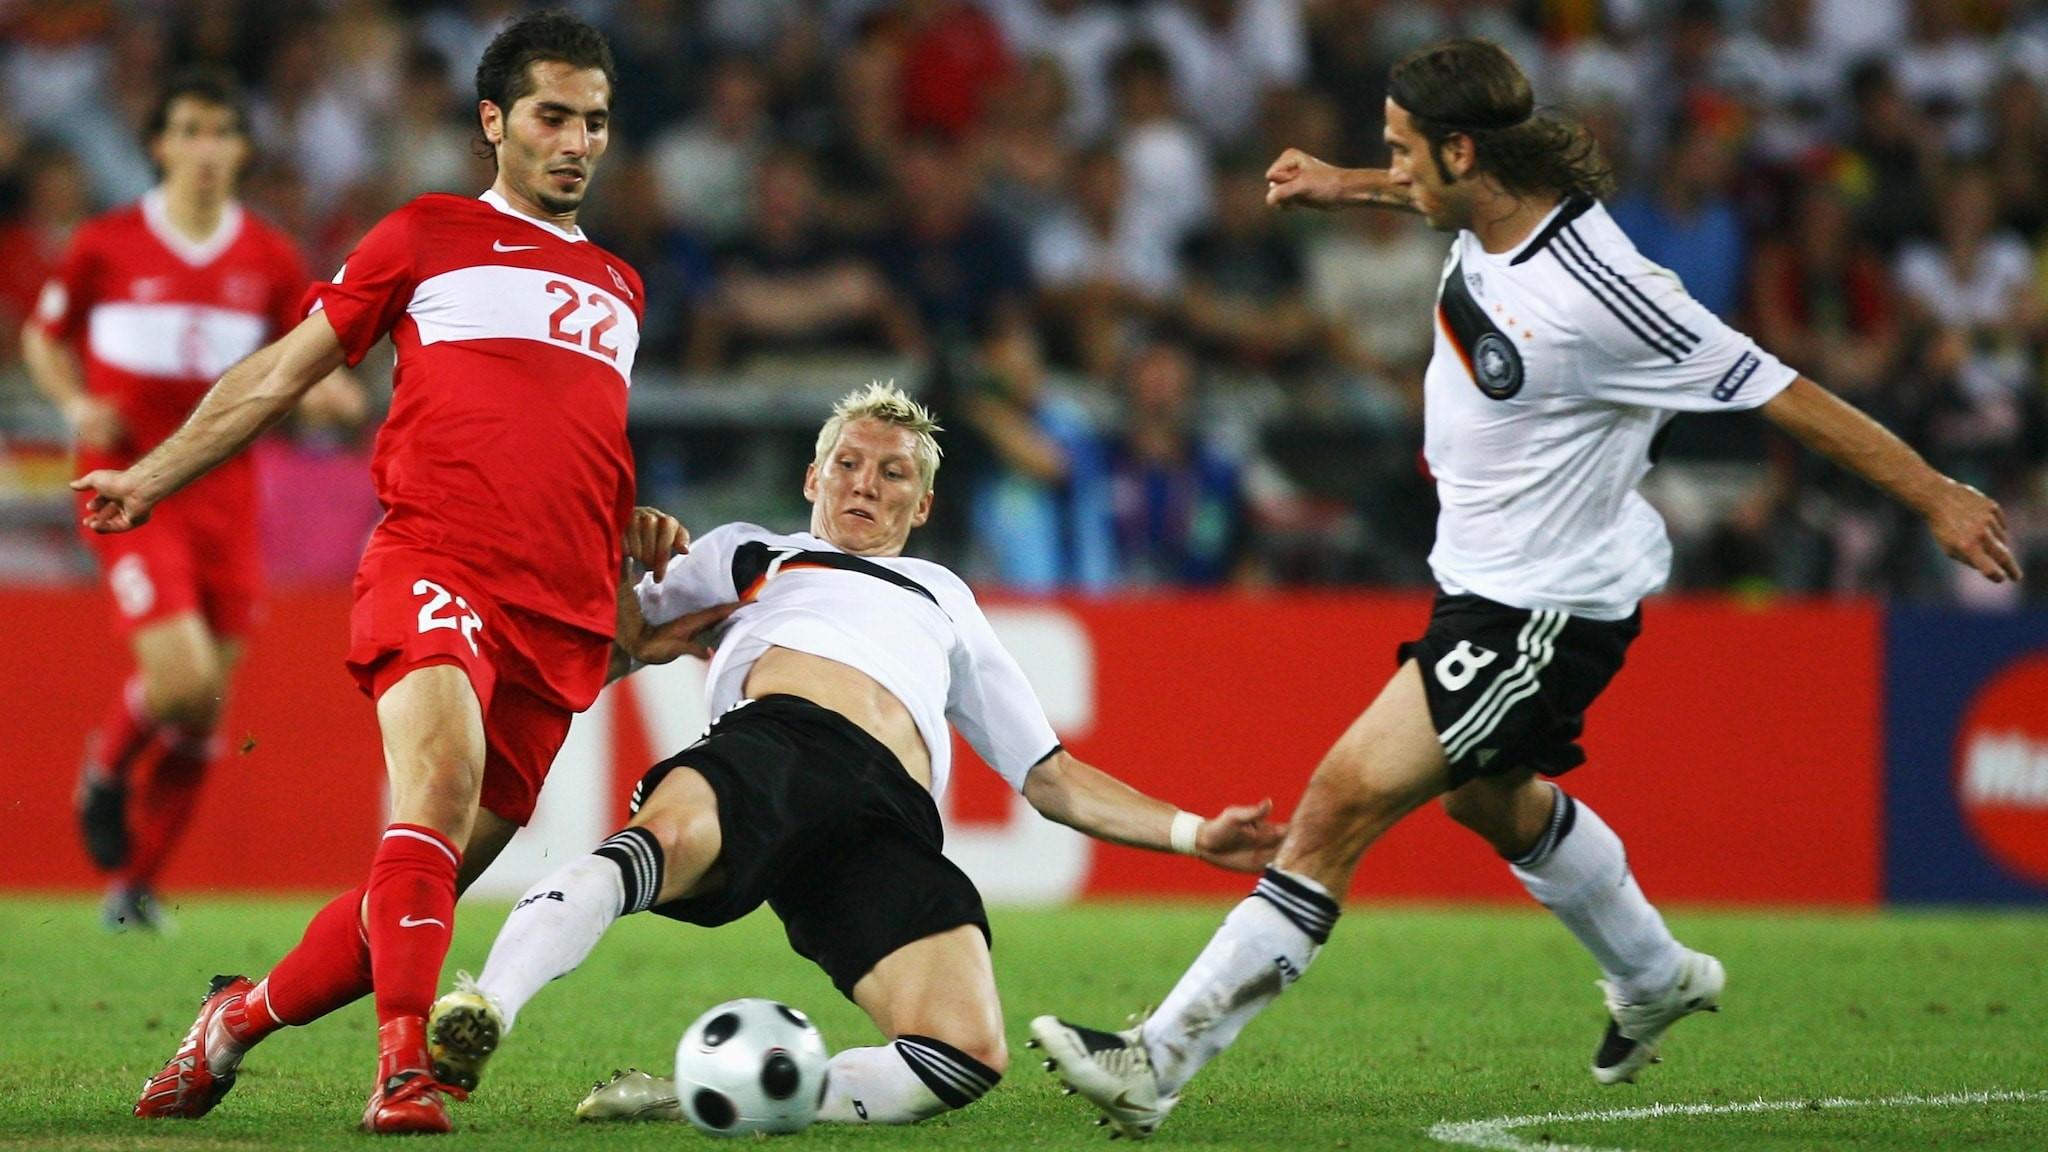 تیم فوتبال ترکیه در فینال یورو 2008